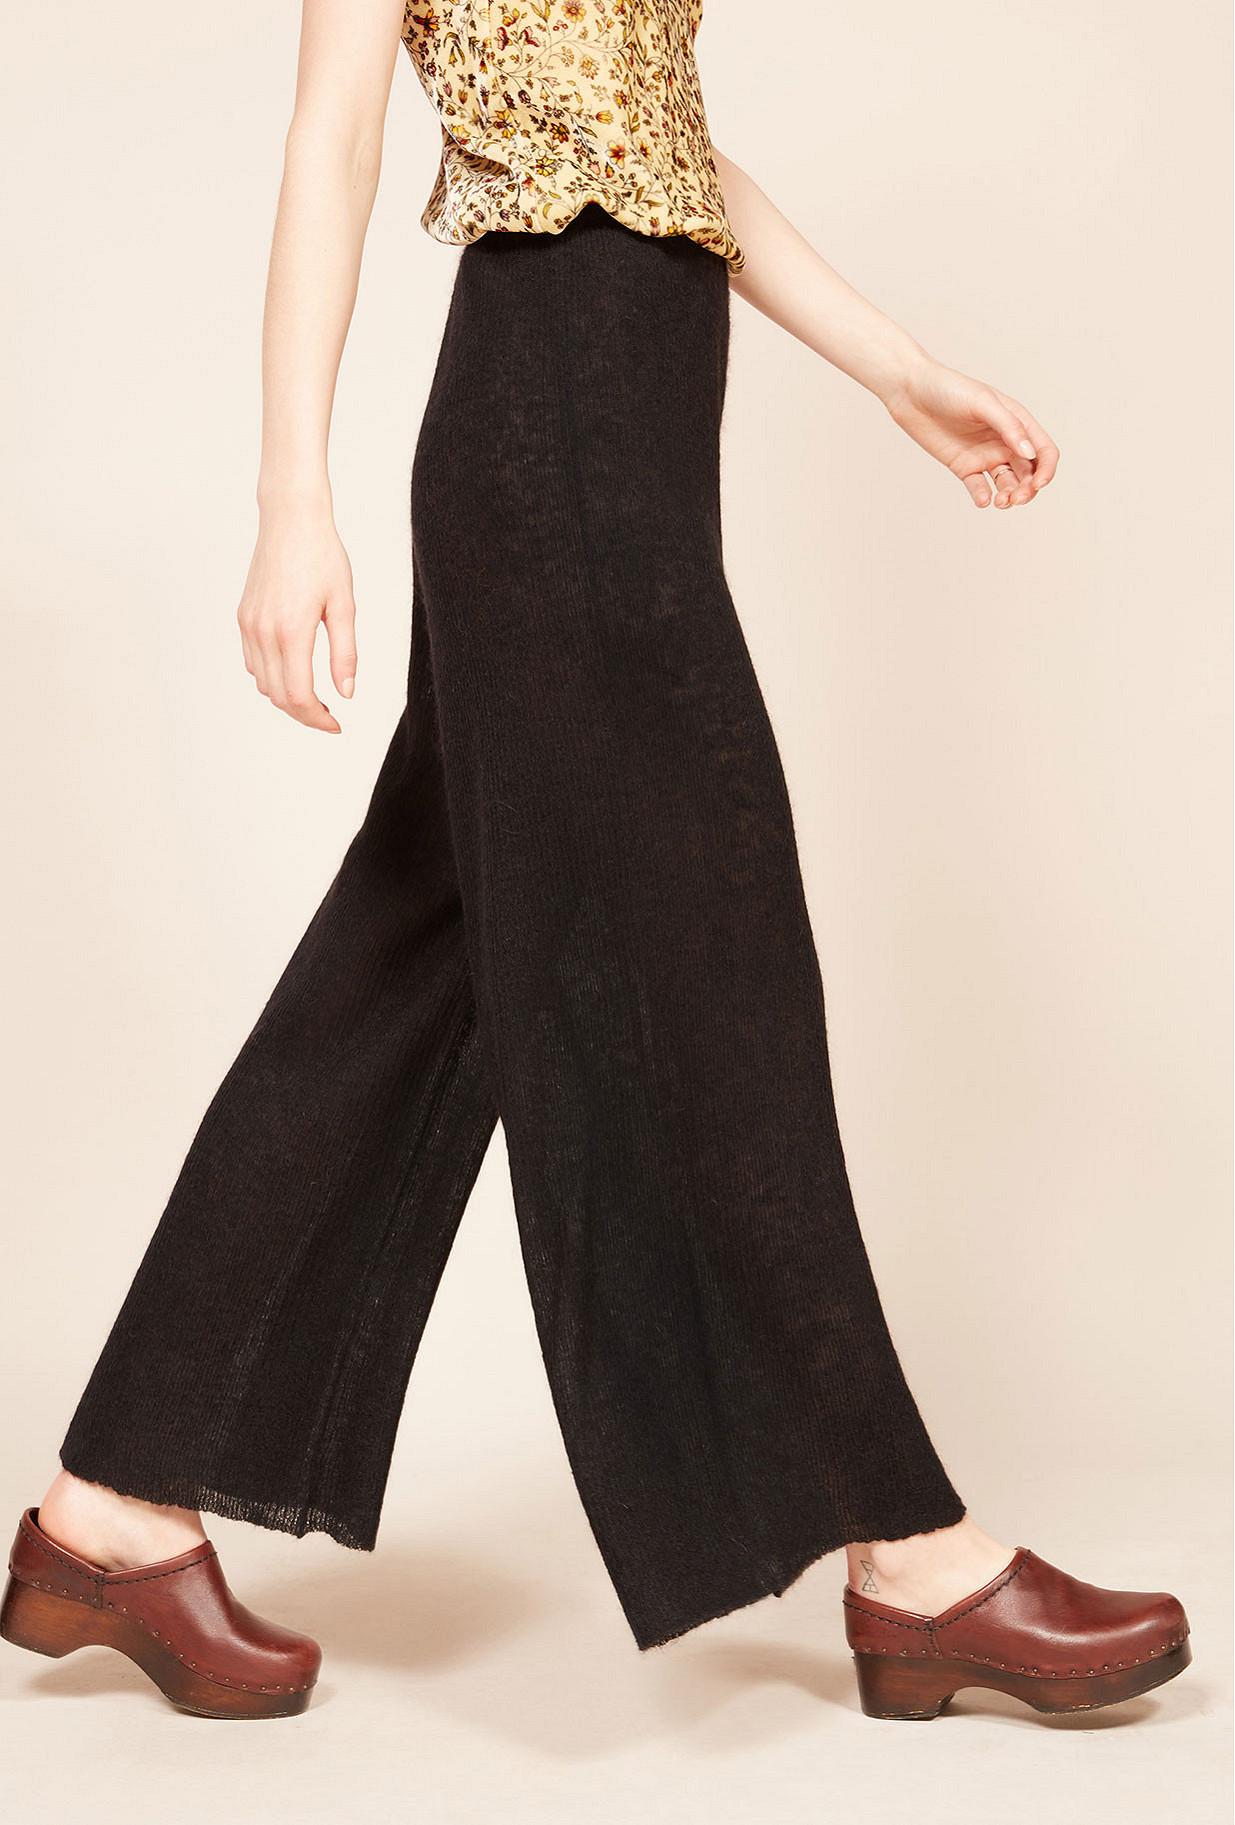 Pantalon Noir  Shaggy mes demoiselles paris vêtement femme paris